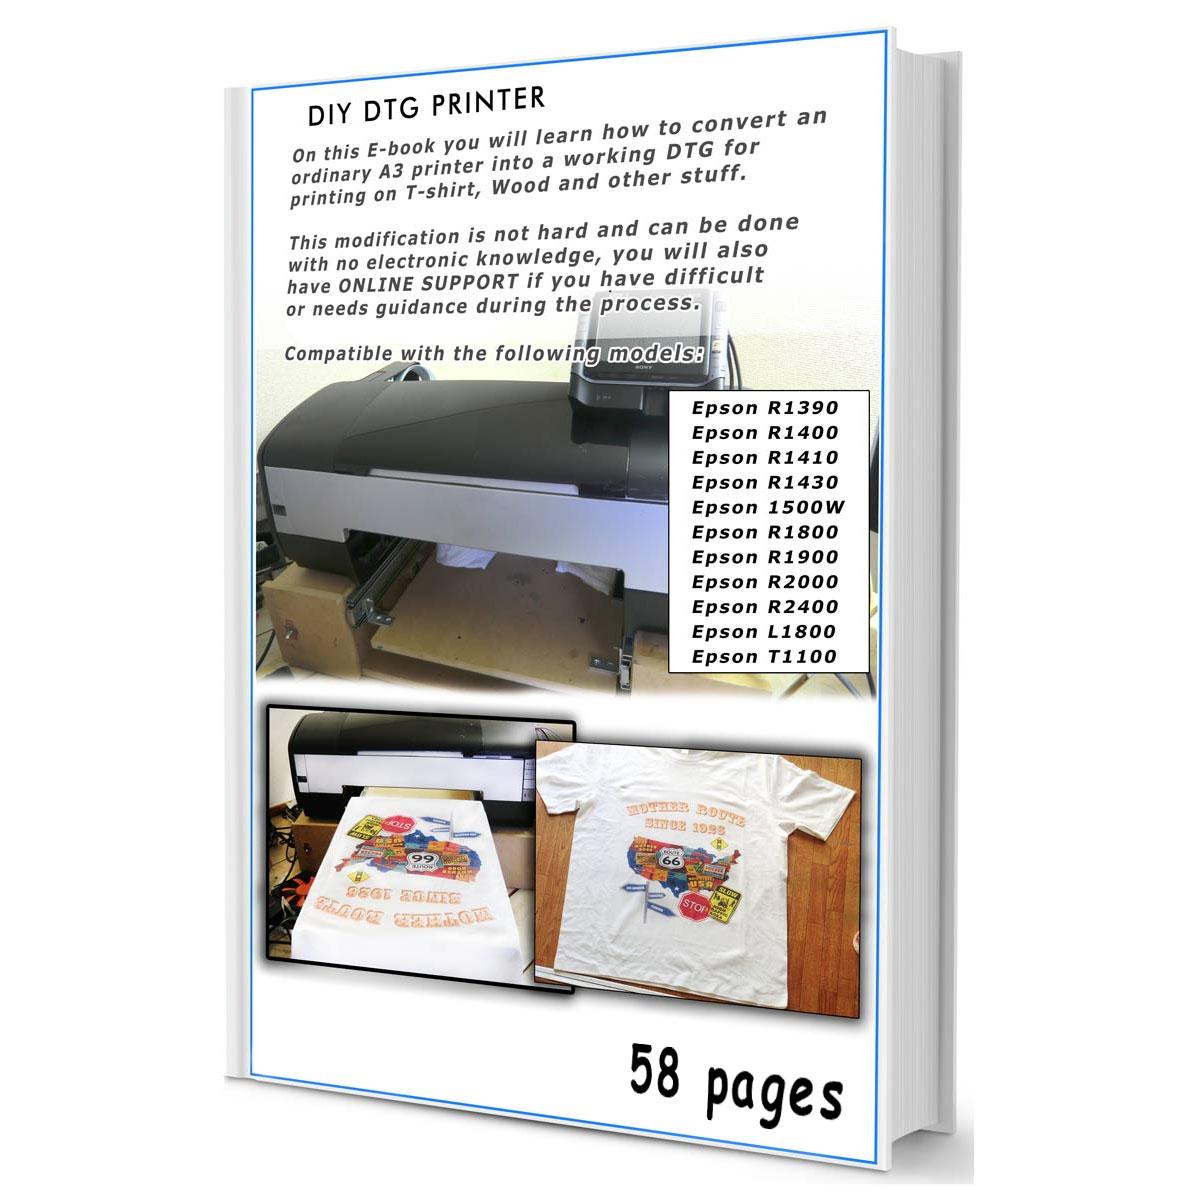 DIY DTG Plans Step by Step T-shirt Printer Epson 1400, 1430, 1390, P600, 1500w, R1800, R1900, R3880 Download PDF